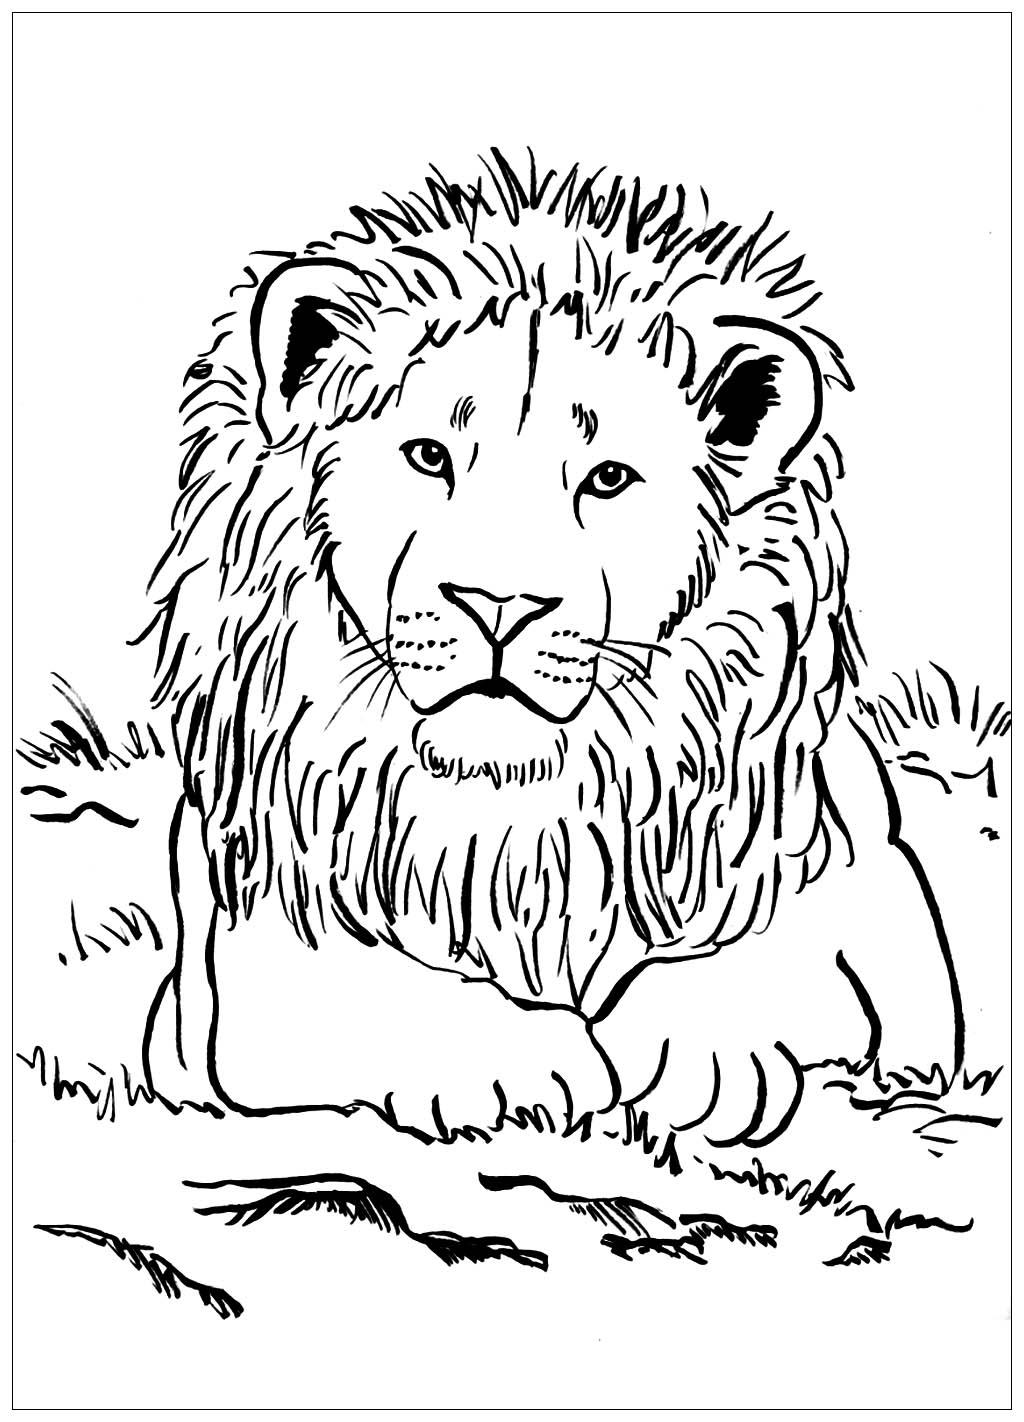 Tranh tô màu con sư tử 1